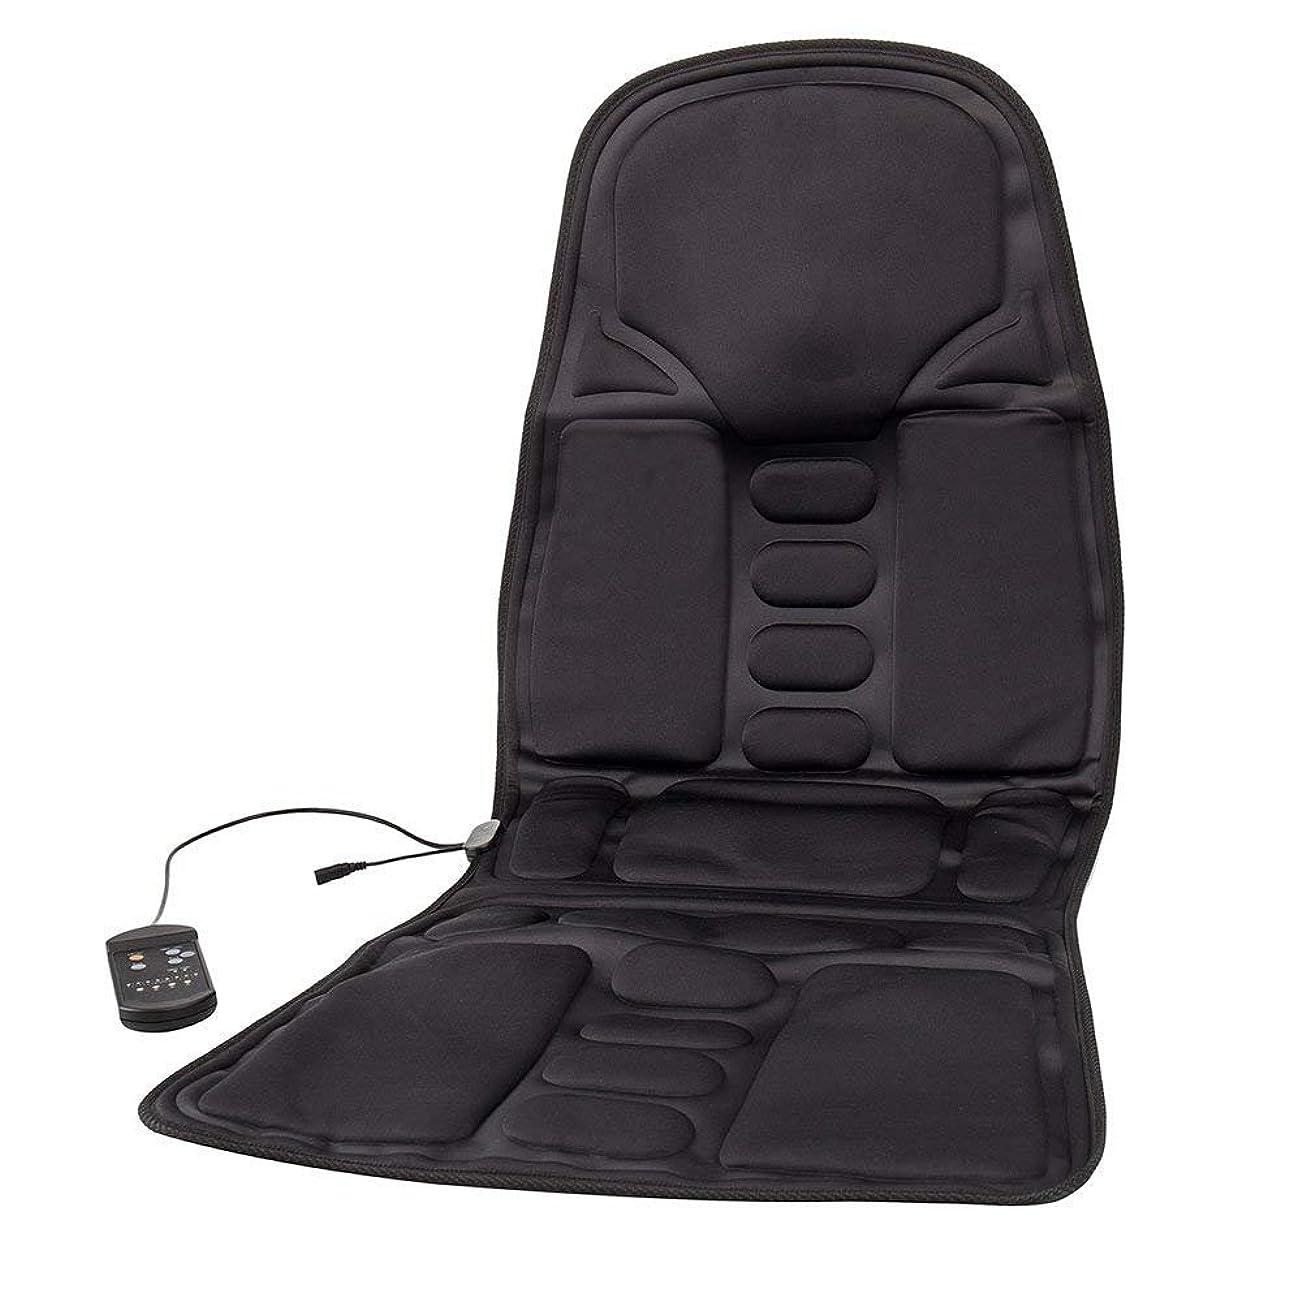 植物学者予測クリックBestjunly マッサージシート 車 カーシート 12V 黒 8段階マッサージモードフリー交換 座席ヒートクッション ヒーター搭載 高品質 ブラック